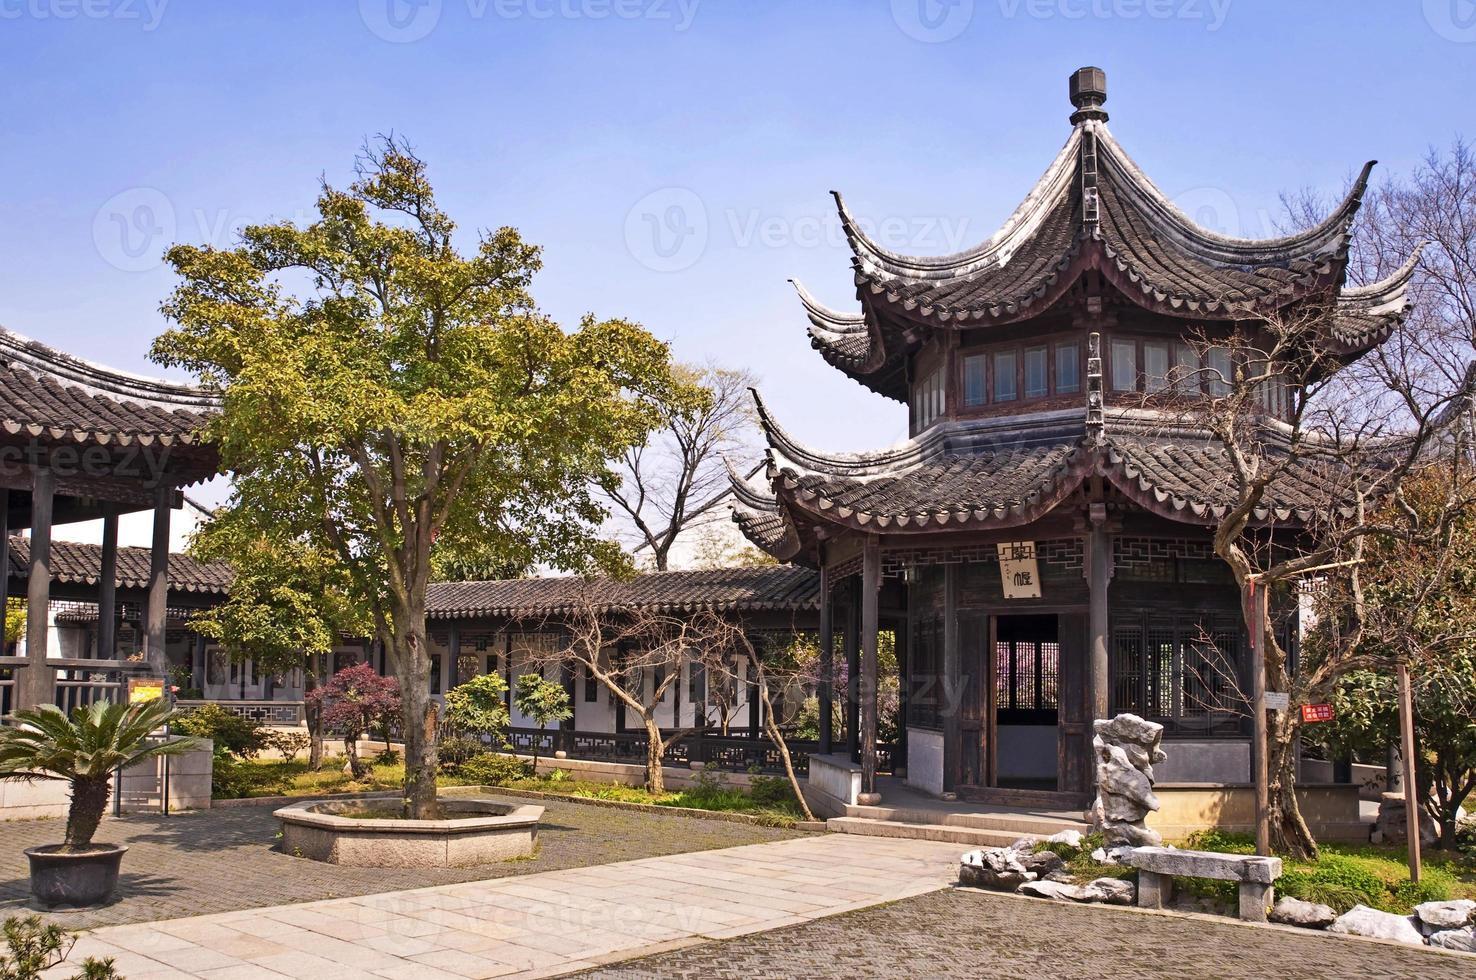 villa della montagna di Hong Kong a mudu, Suzhou, porcellana foto